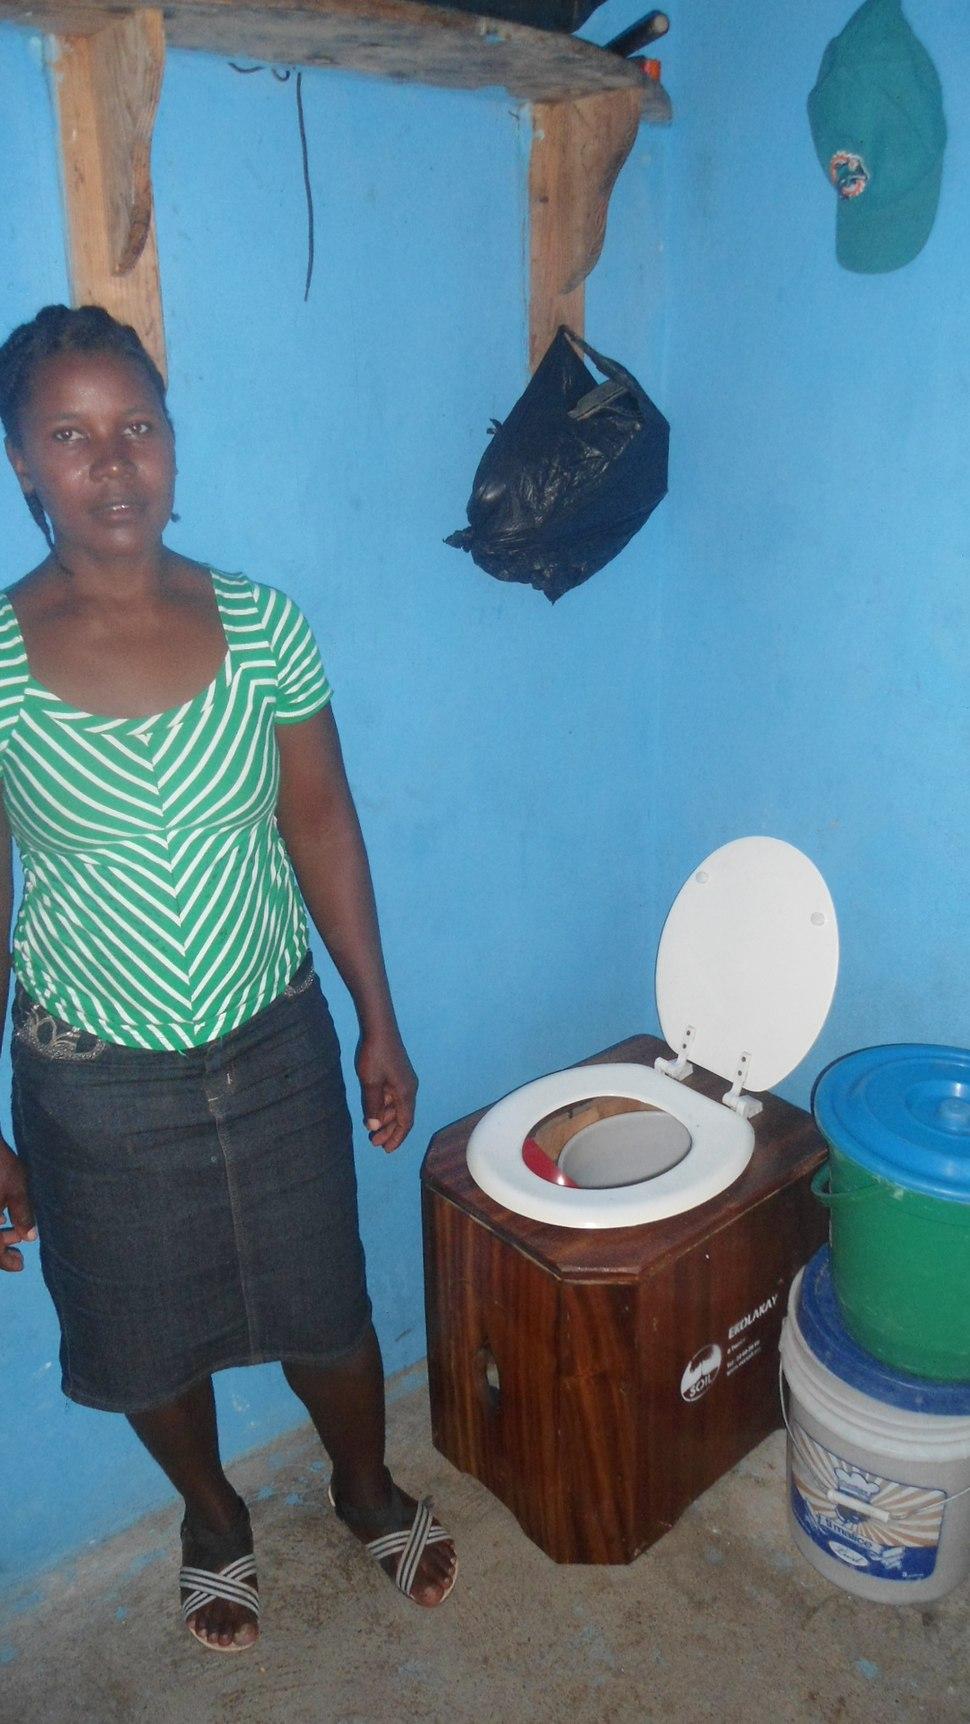 A SOIL EkoLakay toilet customer. (15921409131)